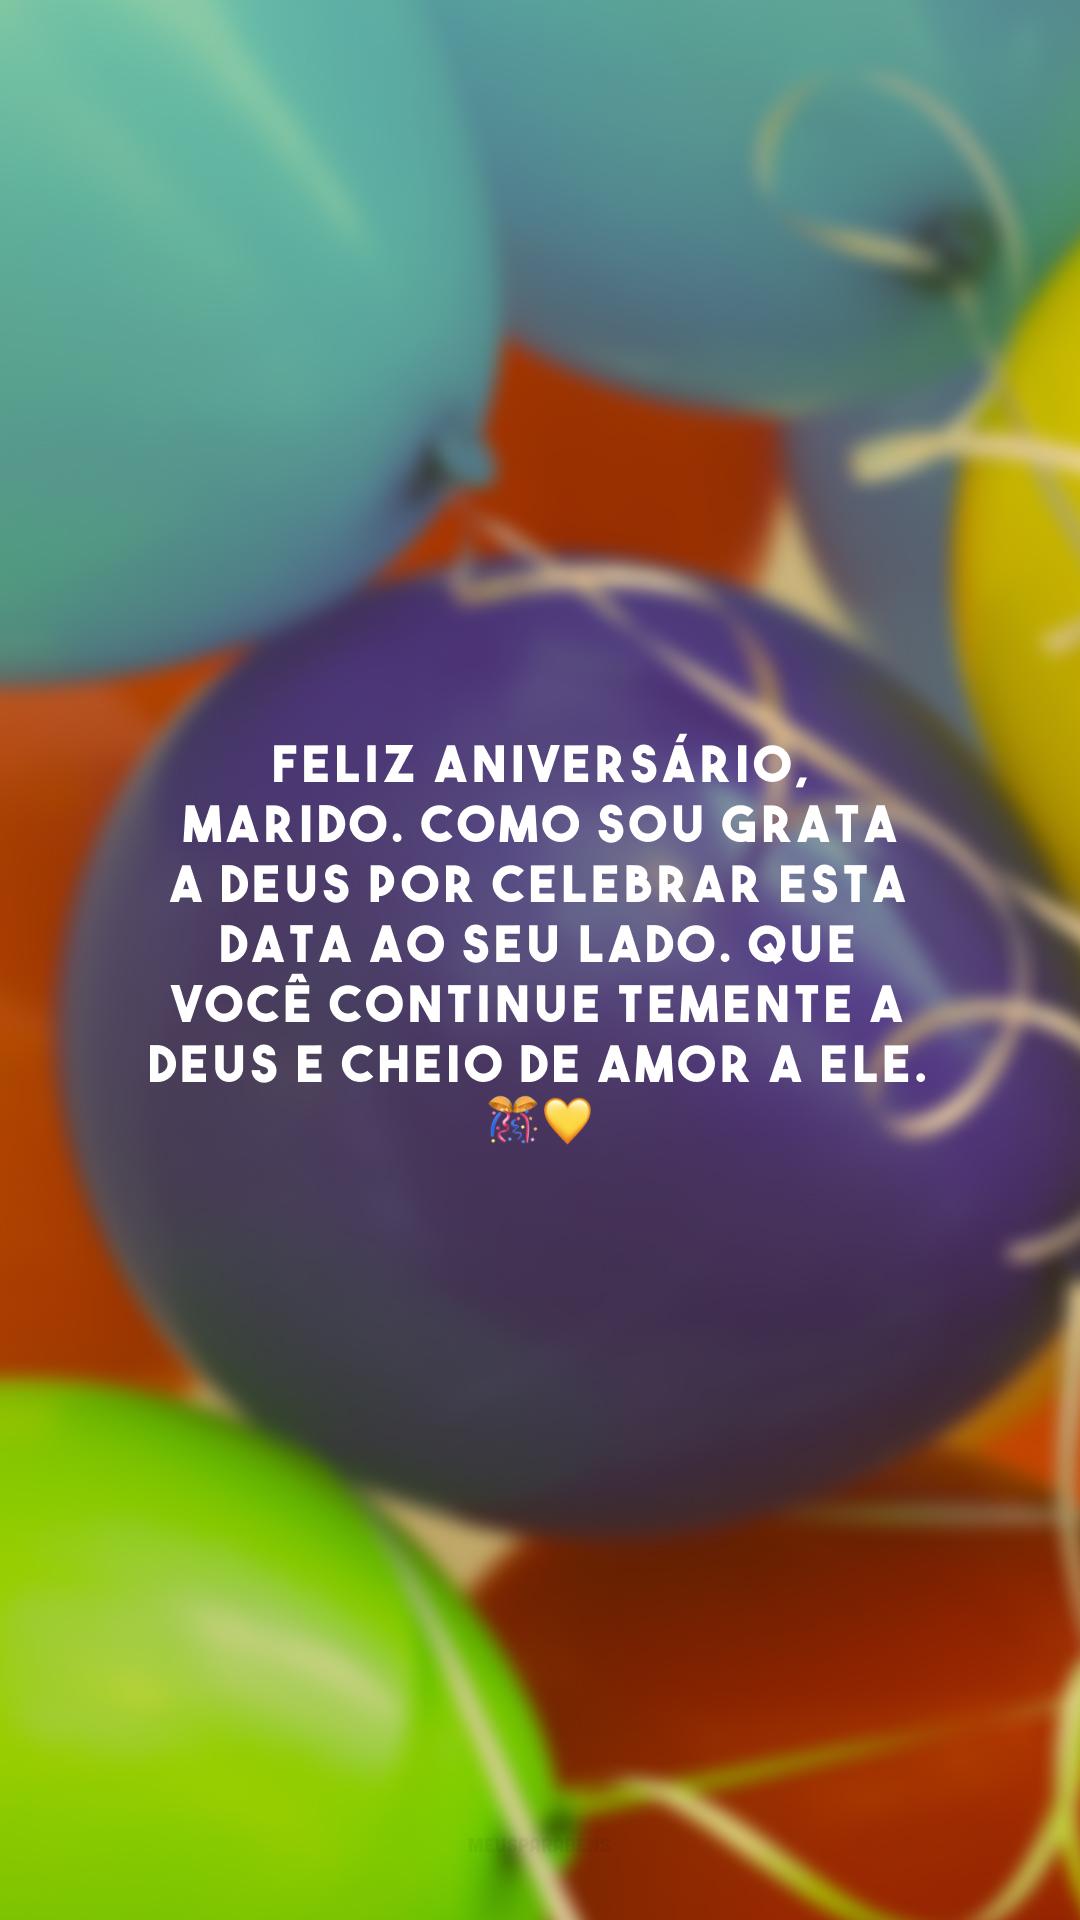 Feliz aniversário, marido. Como sou grata a Deus por celebrar esta data ao seu lado. Que você continue temente a Deus e cheio de amor a Ele. 🎊💛